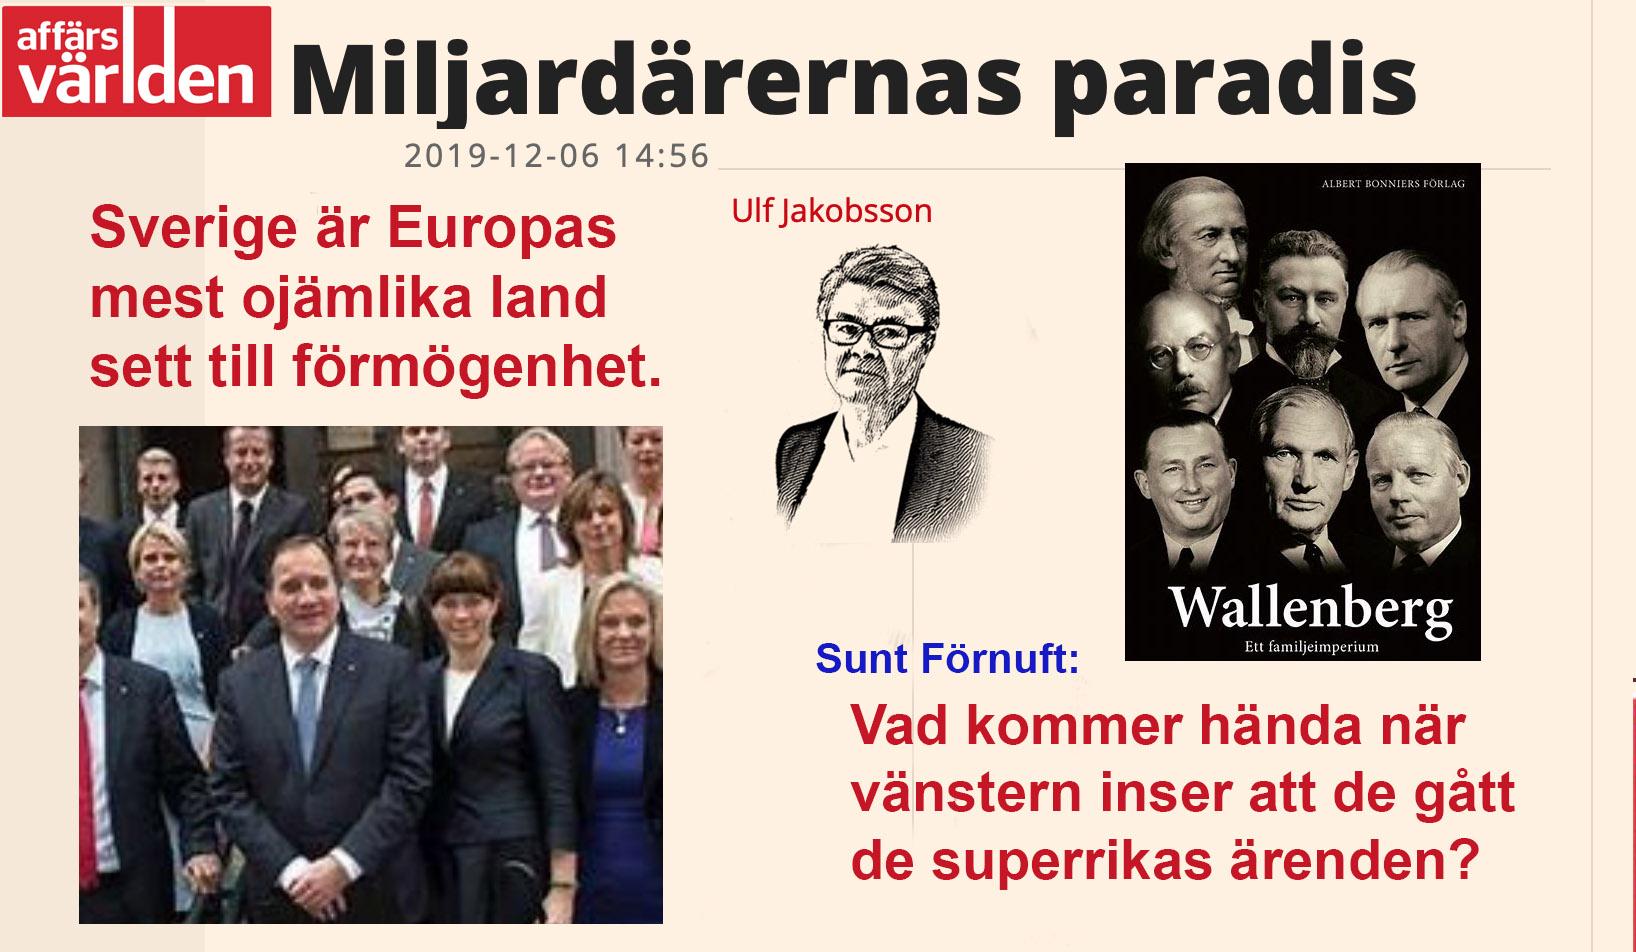 PK-vänsterns nyttiga idioter är grundlurade av ett fåtal superrika. Sverige: ojämlikast i Europa.